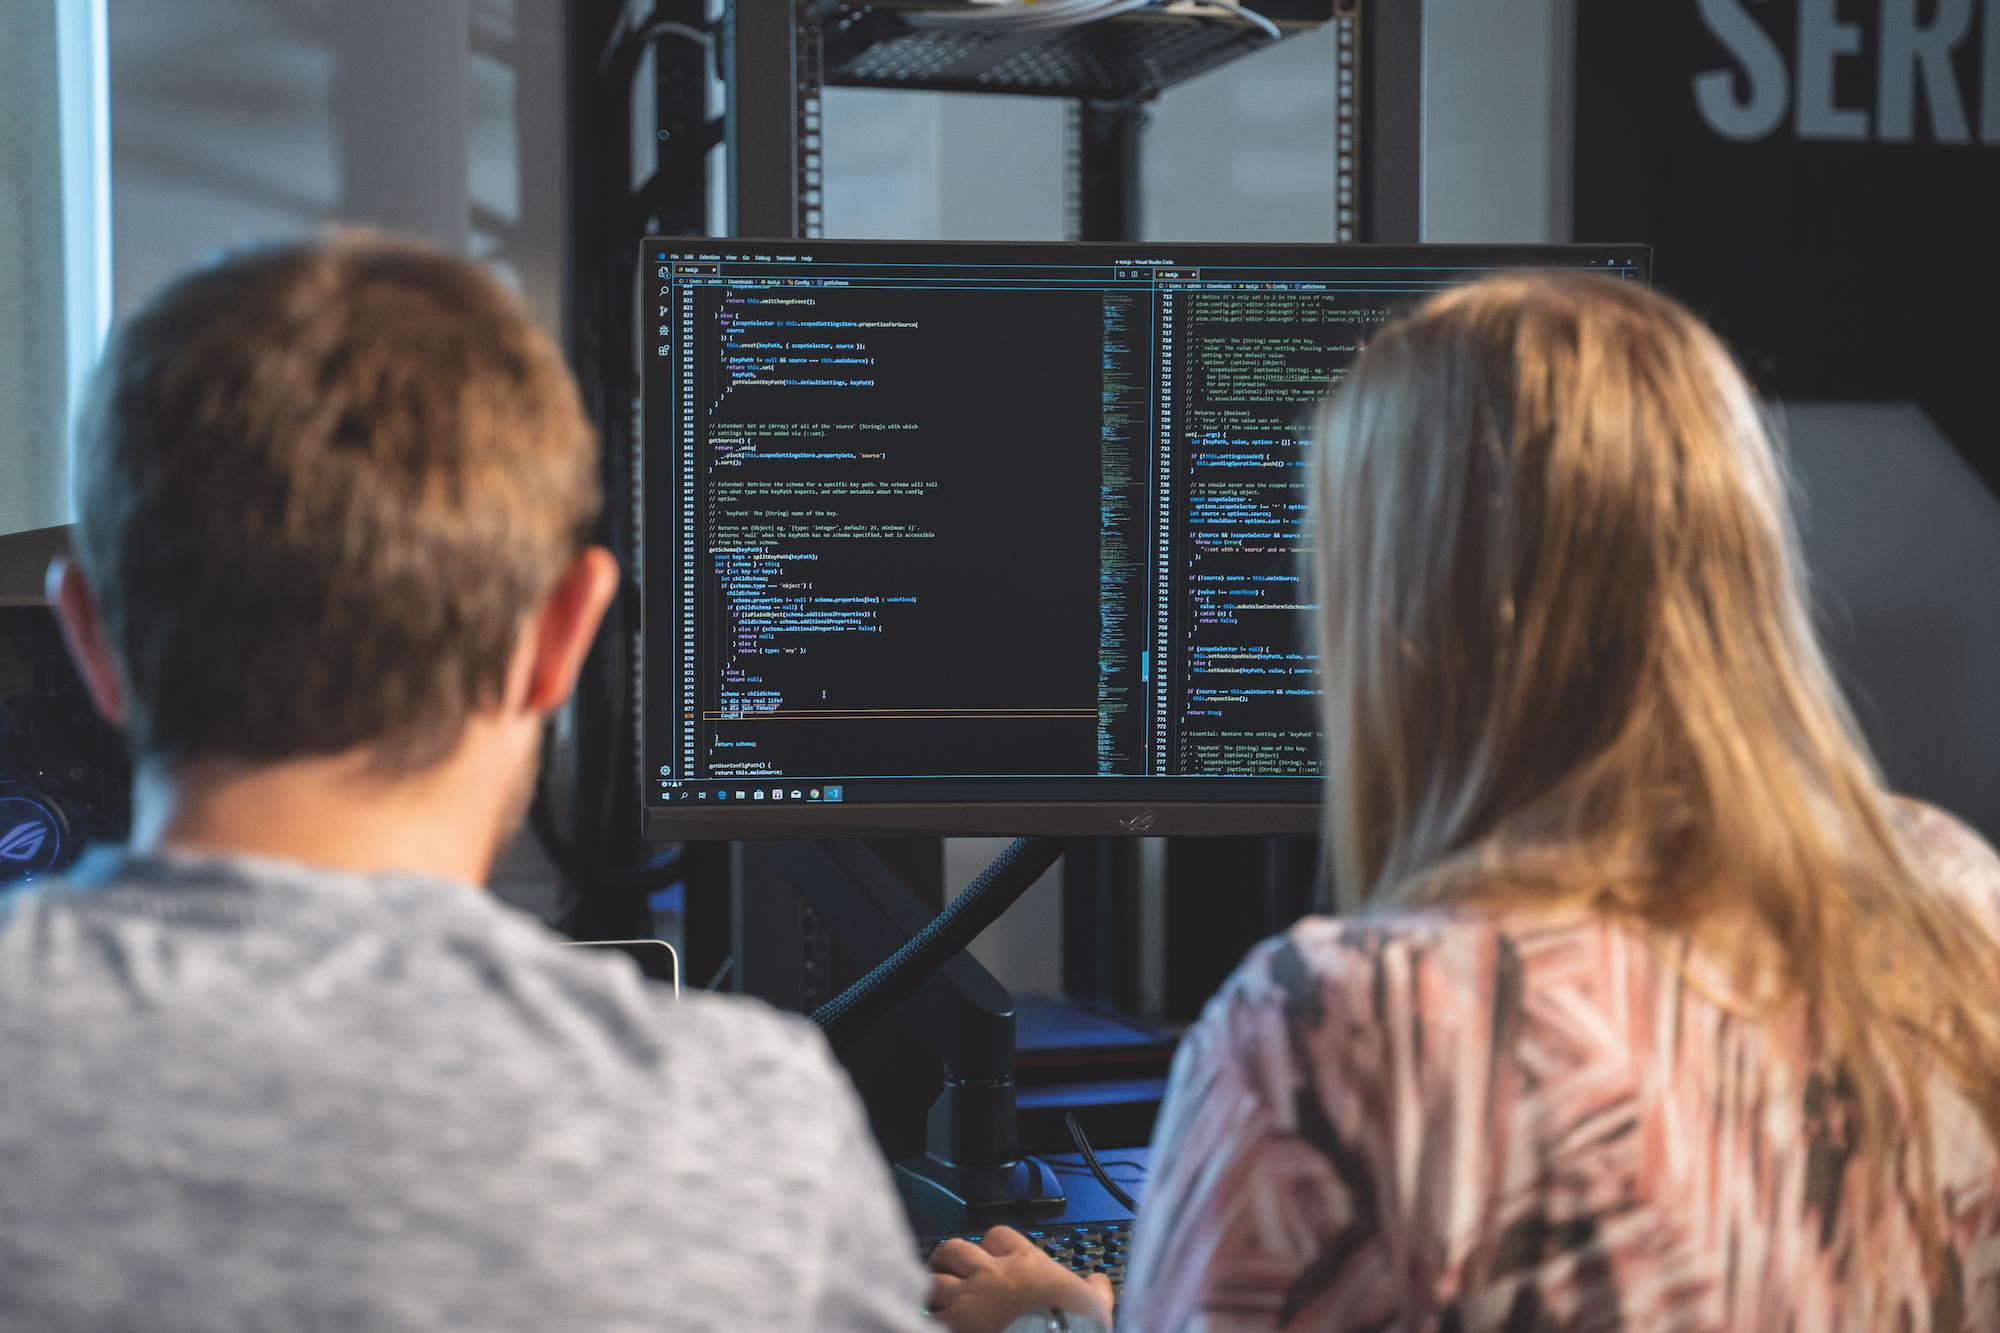 Studenter arbetar med mjukvara vid bildskärm